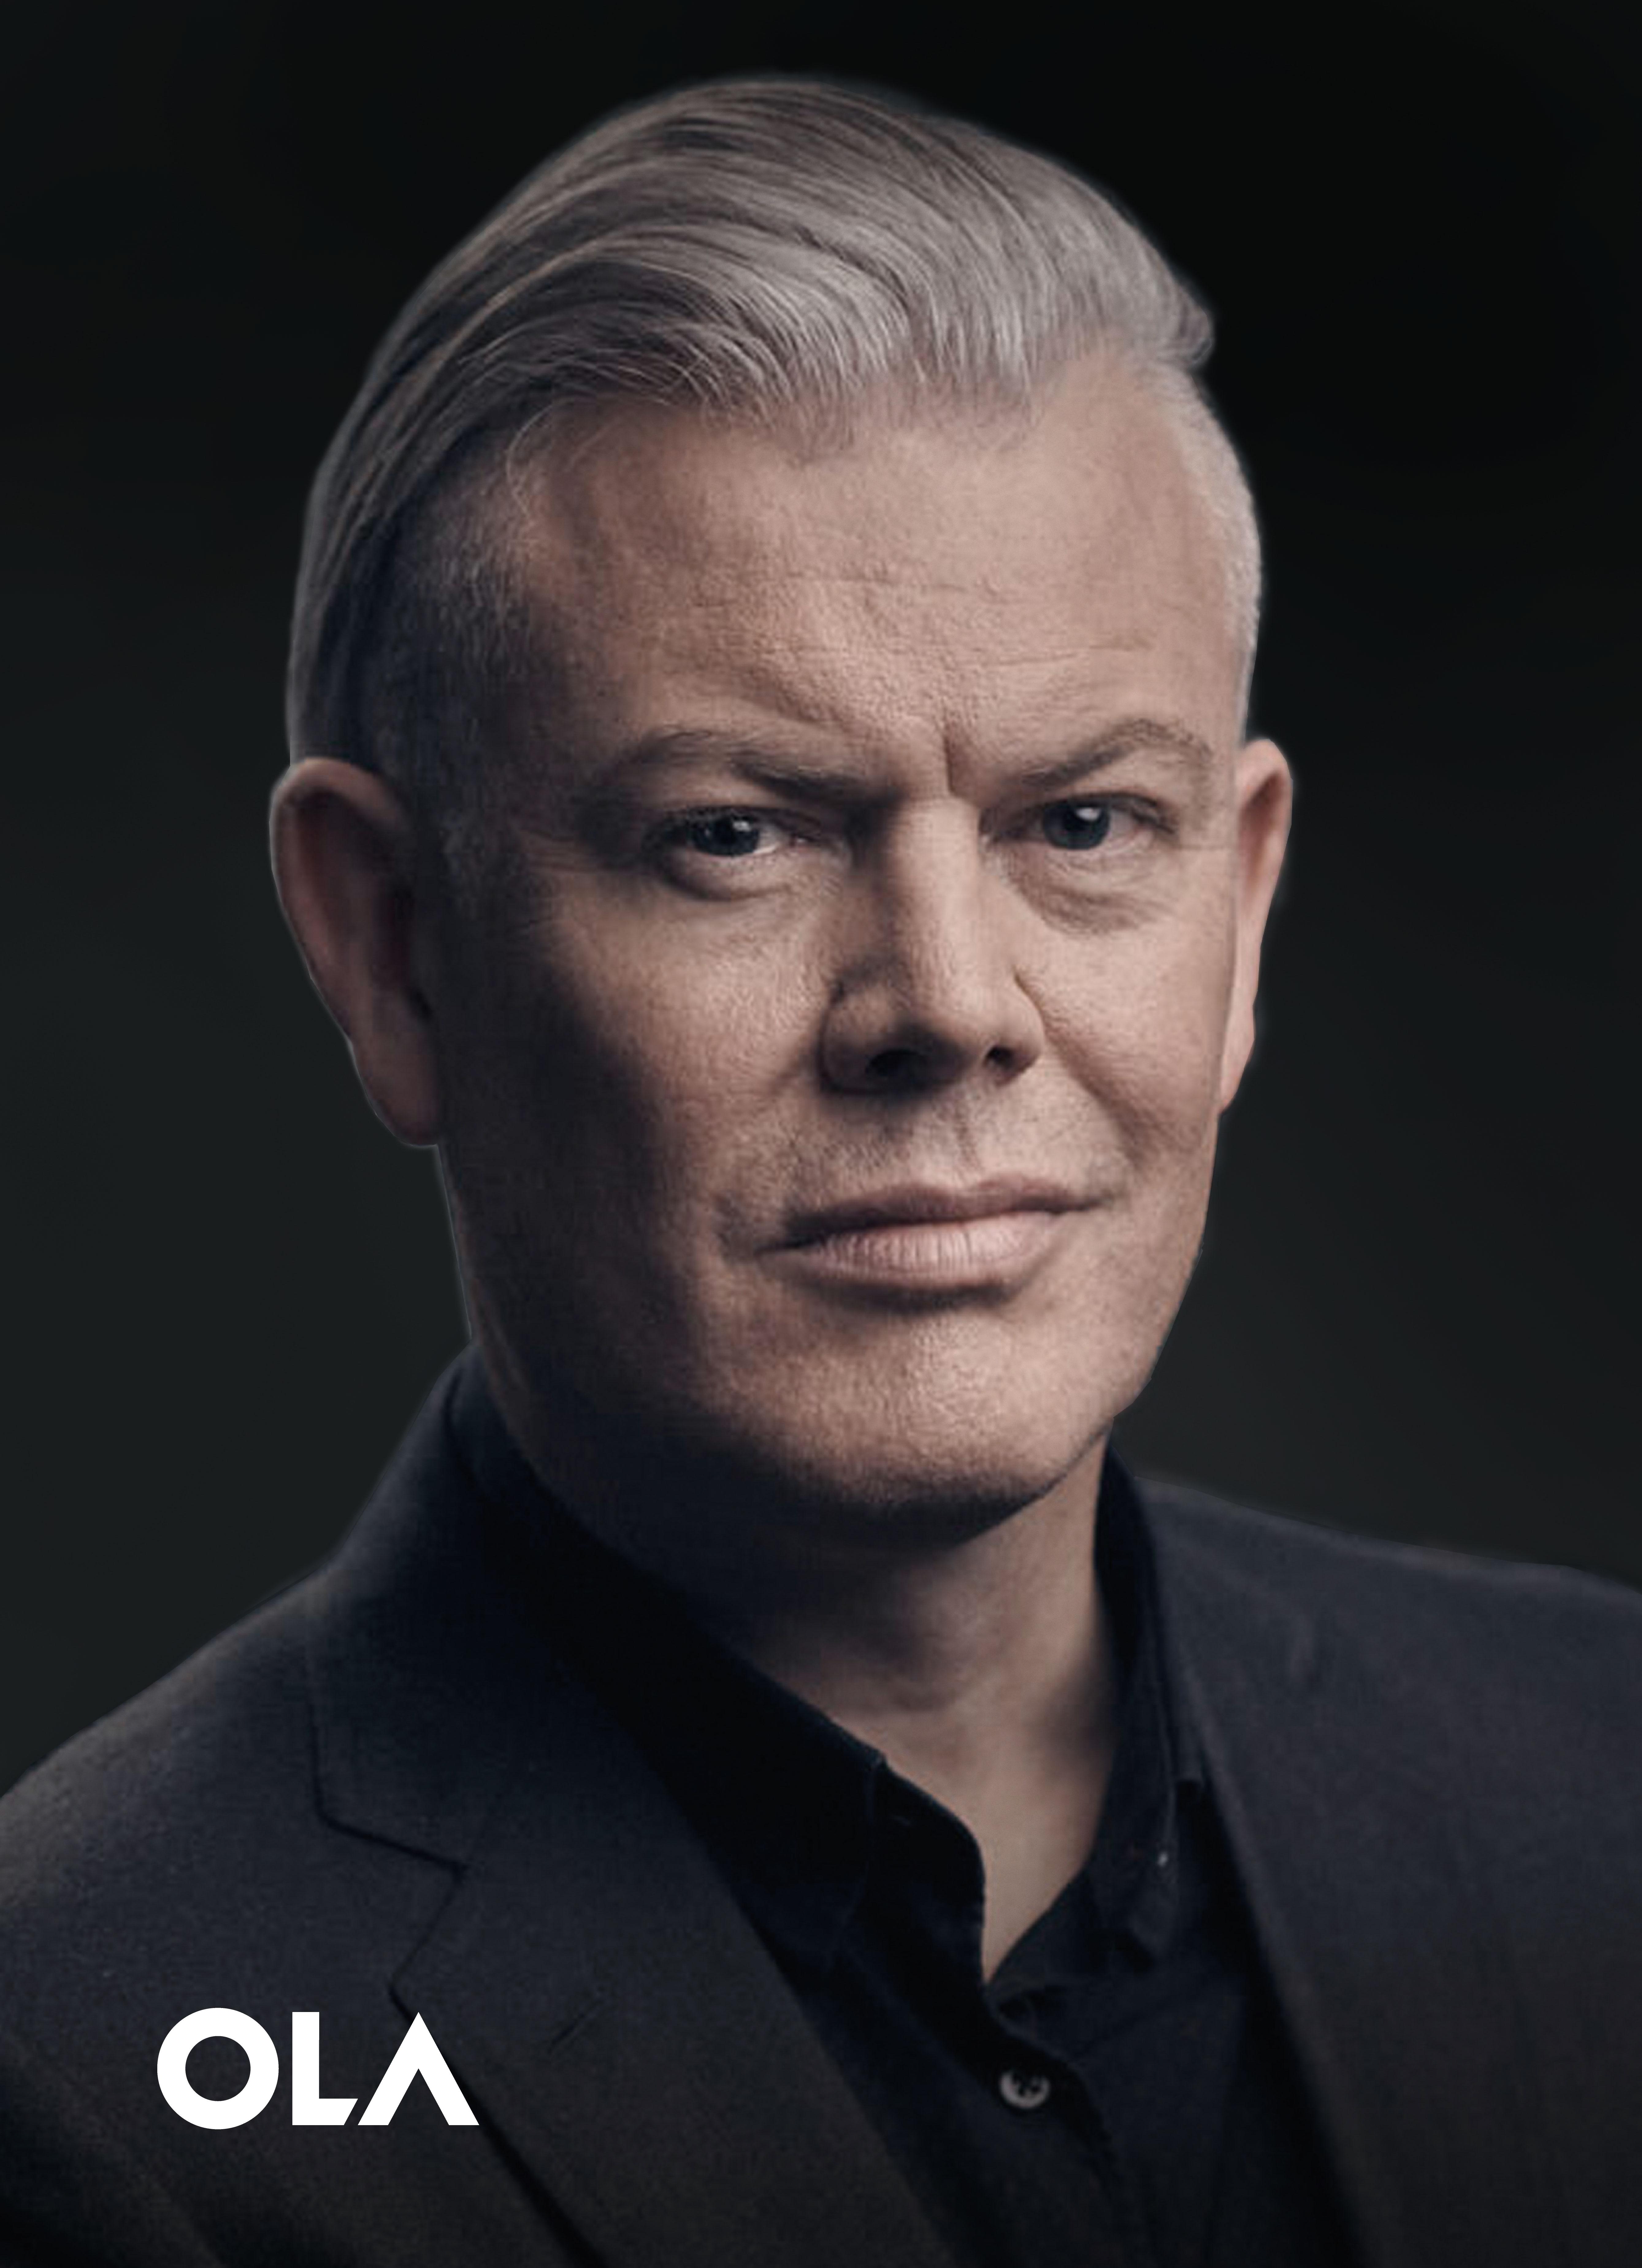 Wayne Burgess as Head of Vehicle Design